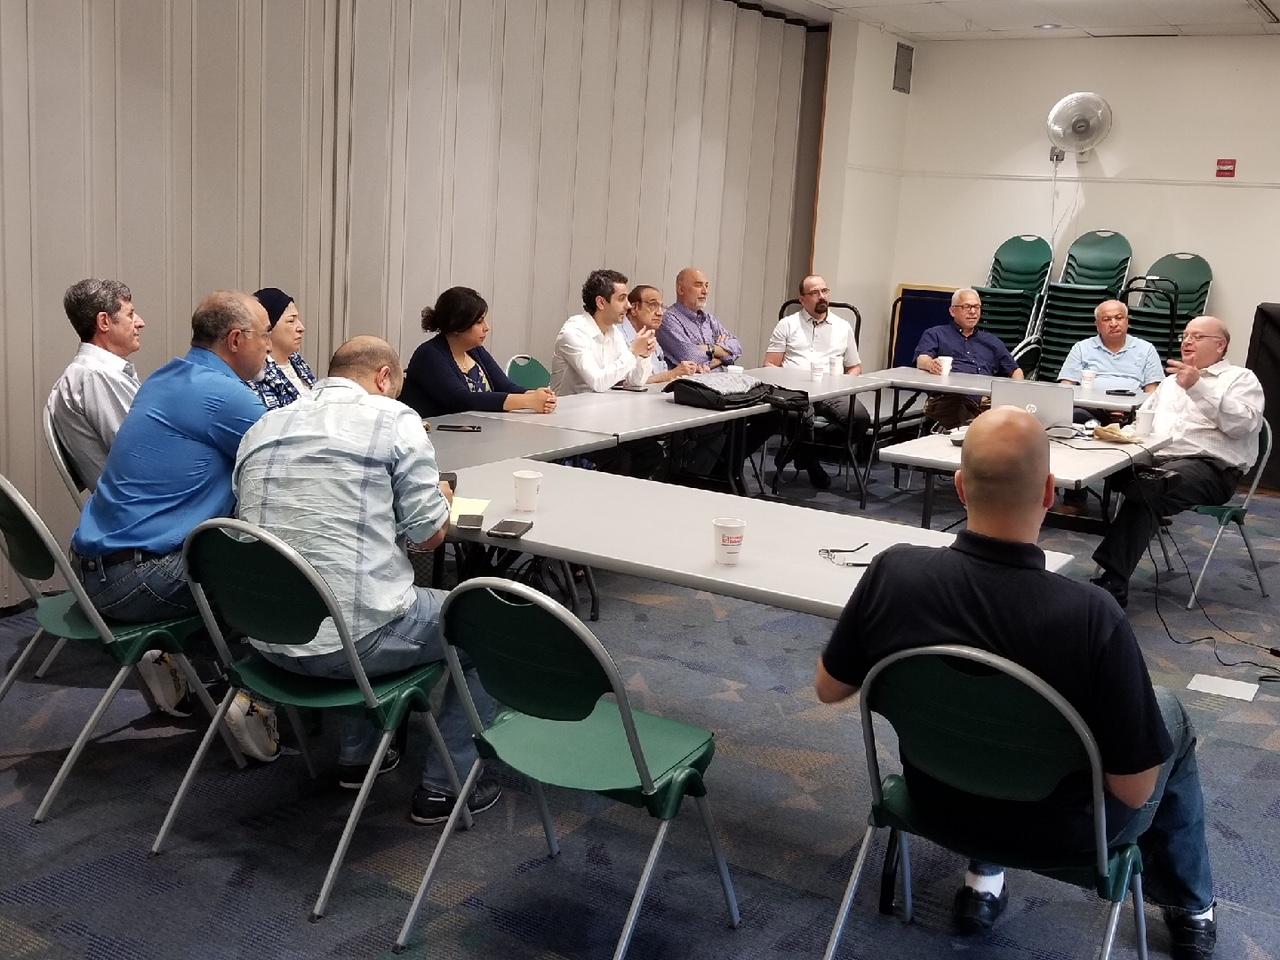 2018-05-12-Meeting-2.jpg